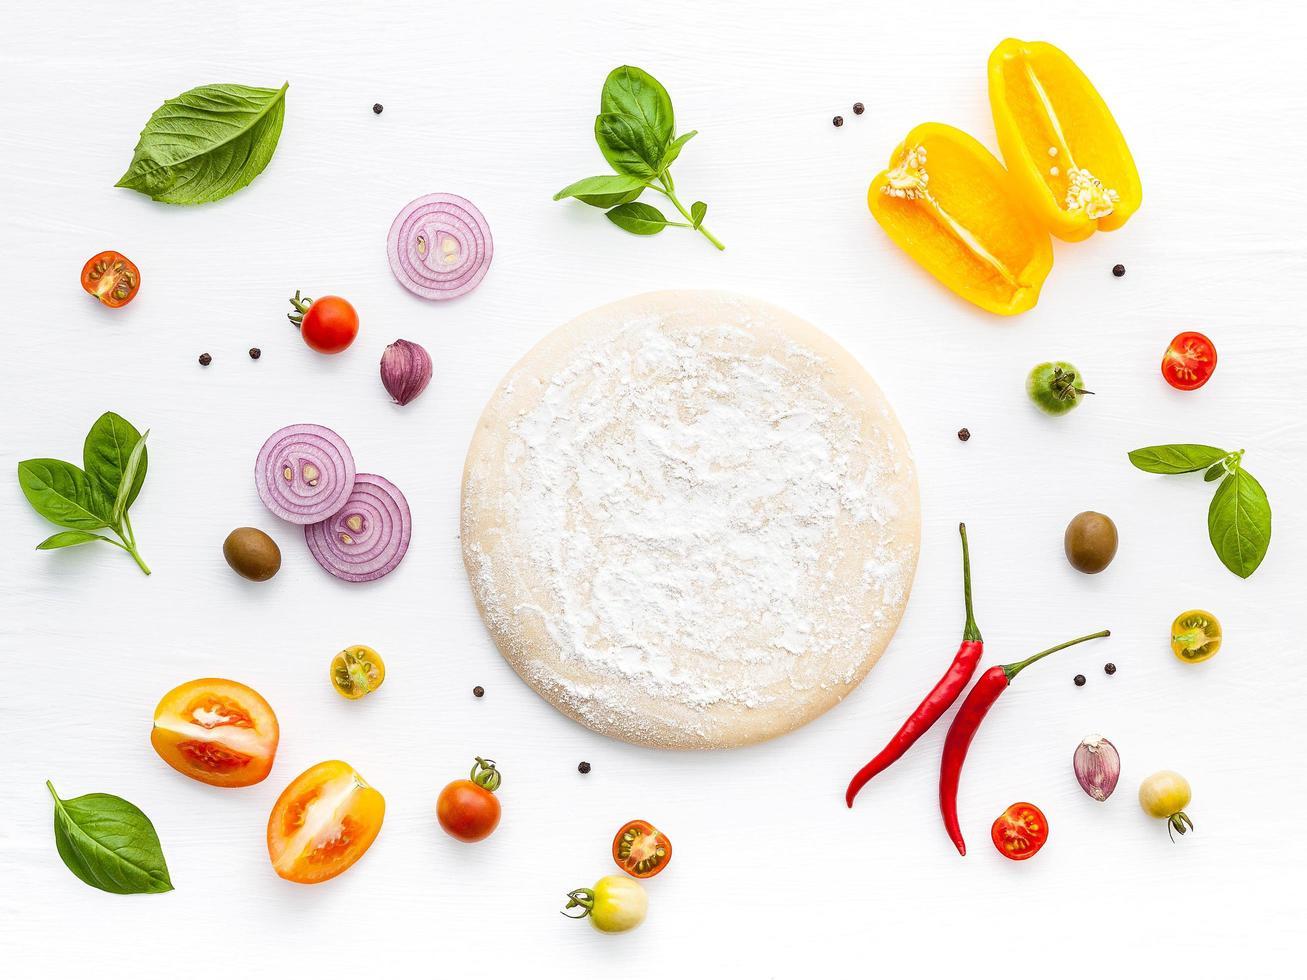 ingrédients de la pizza isolés sur blanc photo